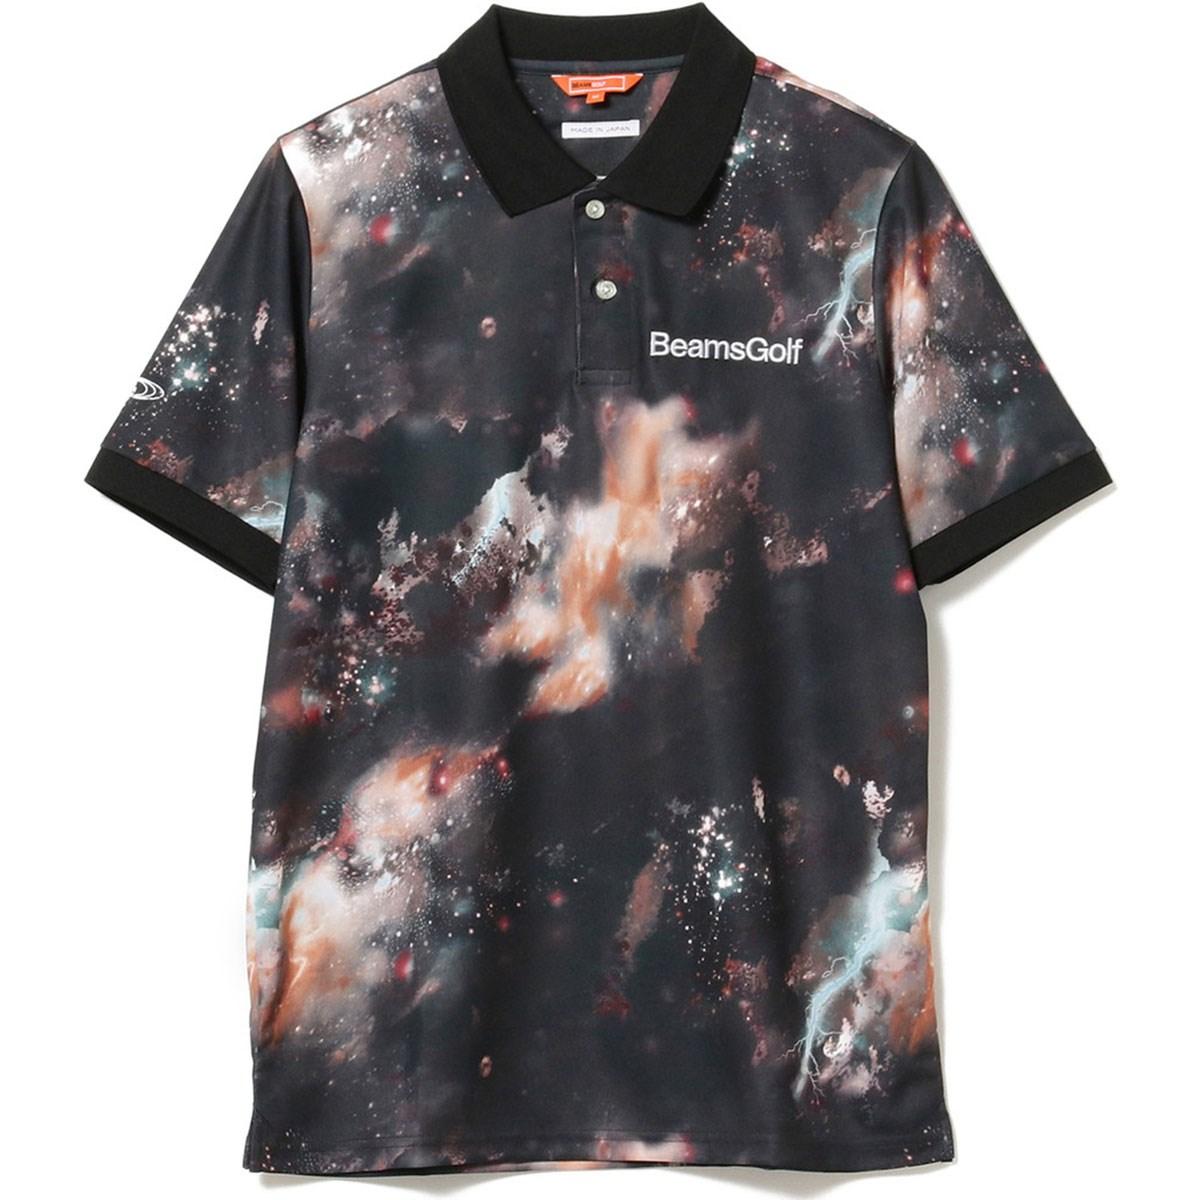 ビームスゴルフ BEAMS GOLF ORANGE LABEL 宇宙柄 転写プリント ポロシャツ